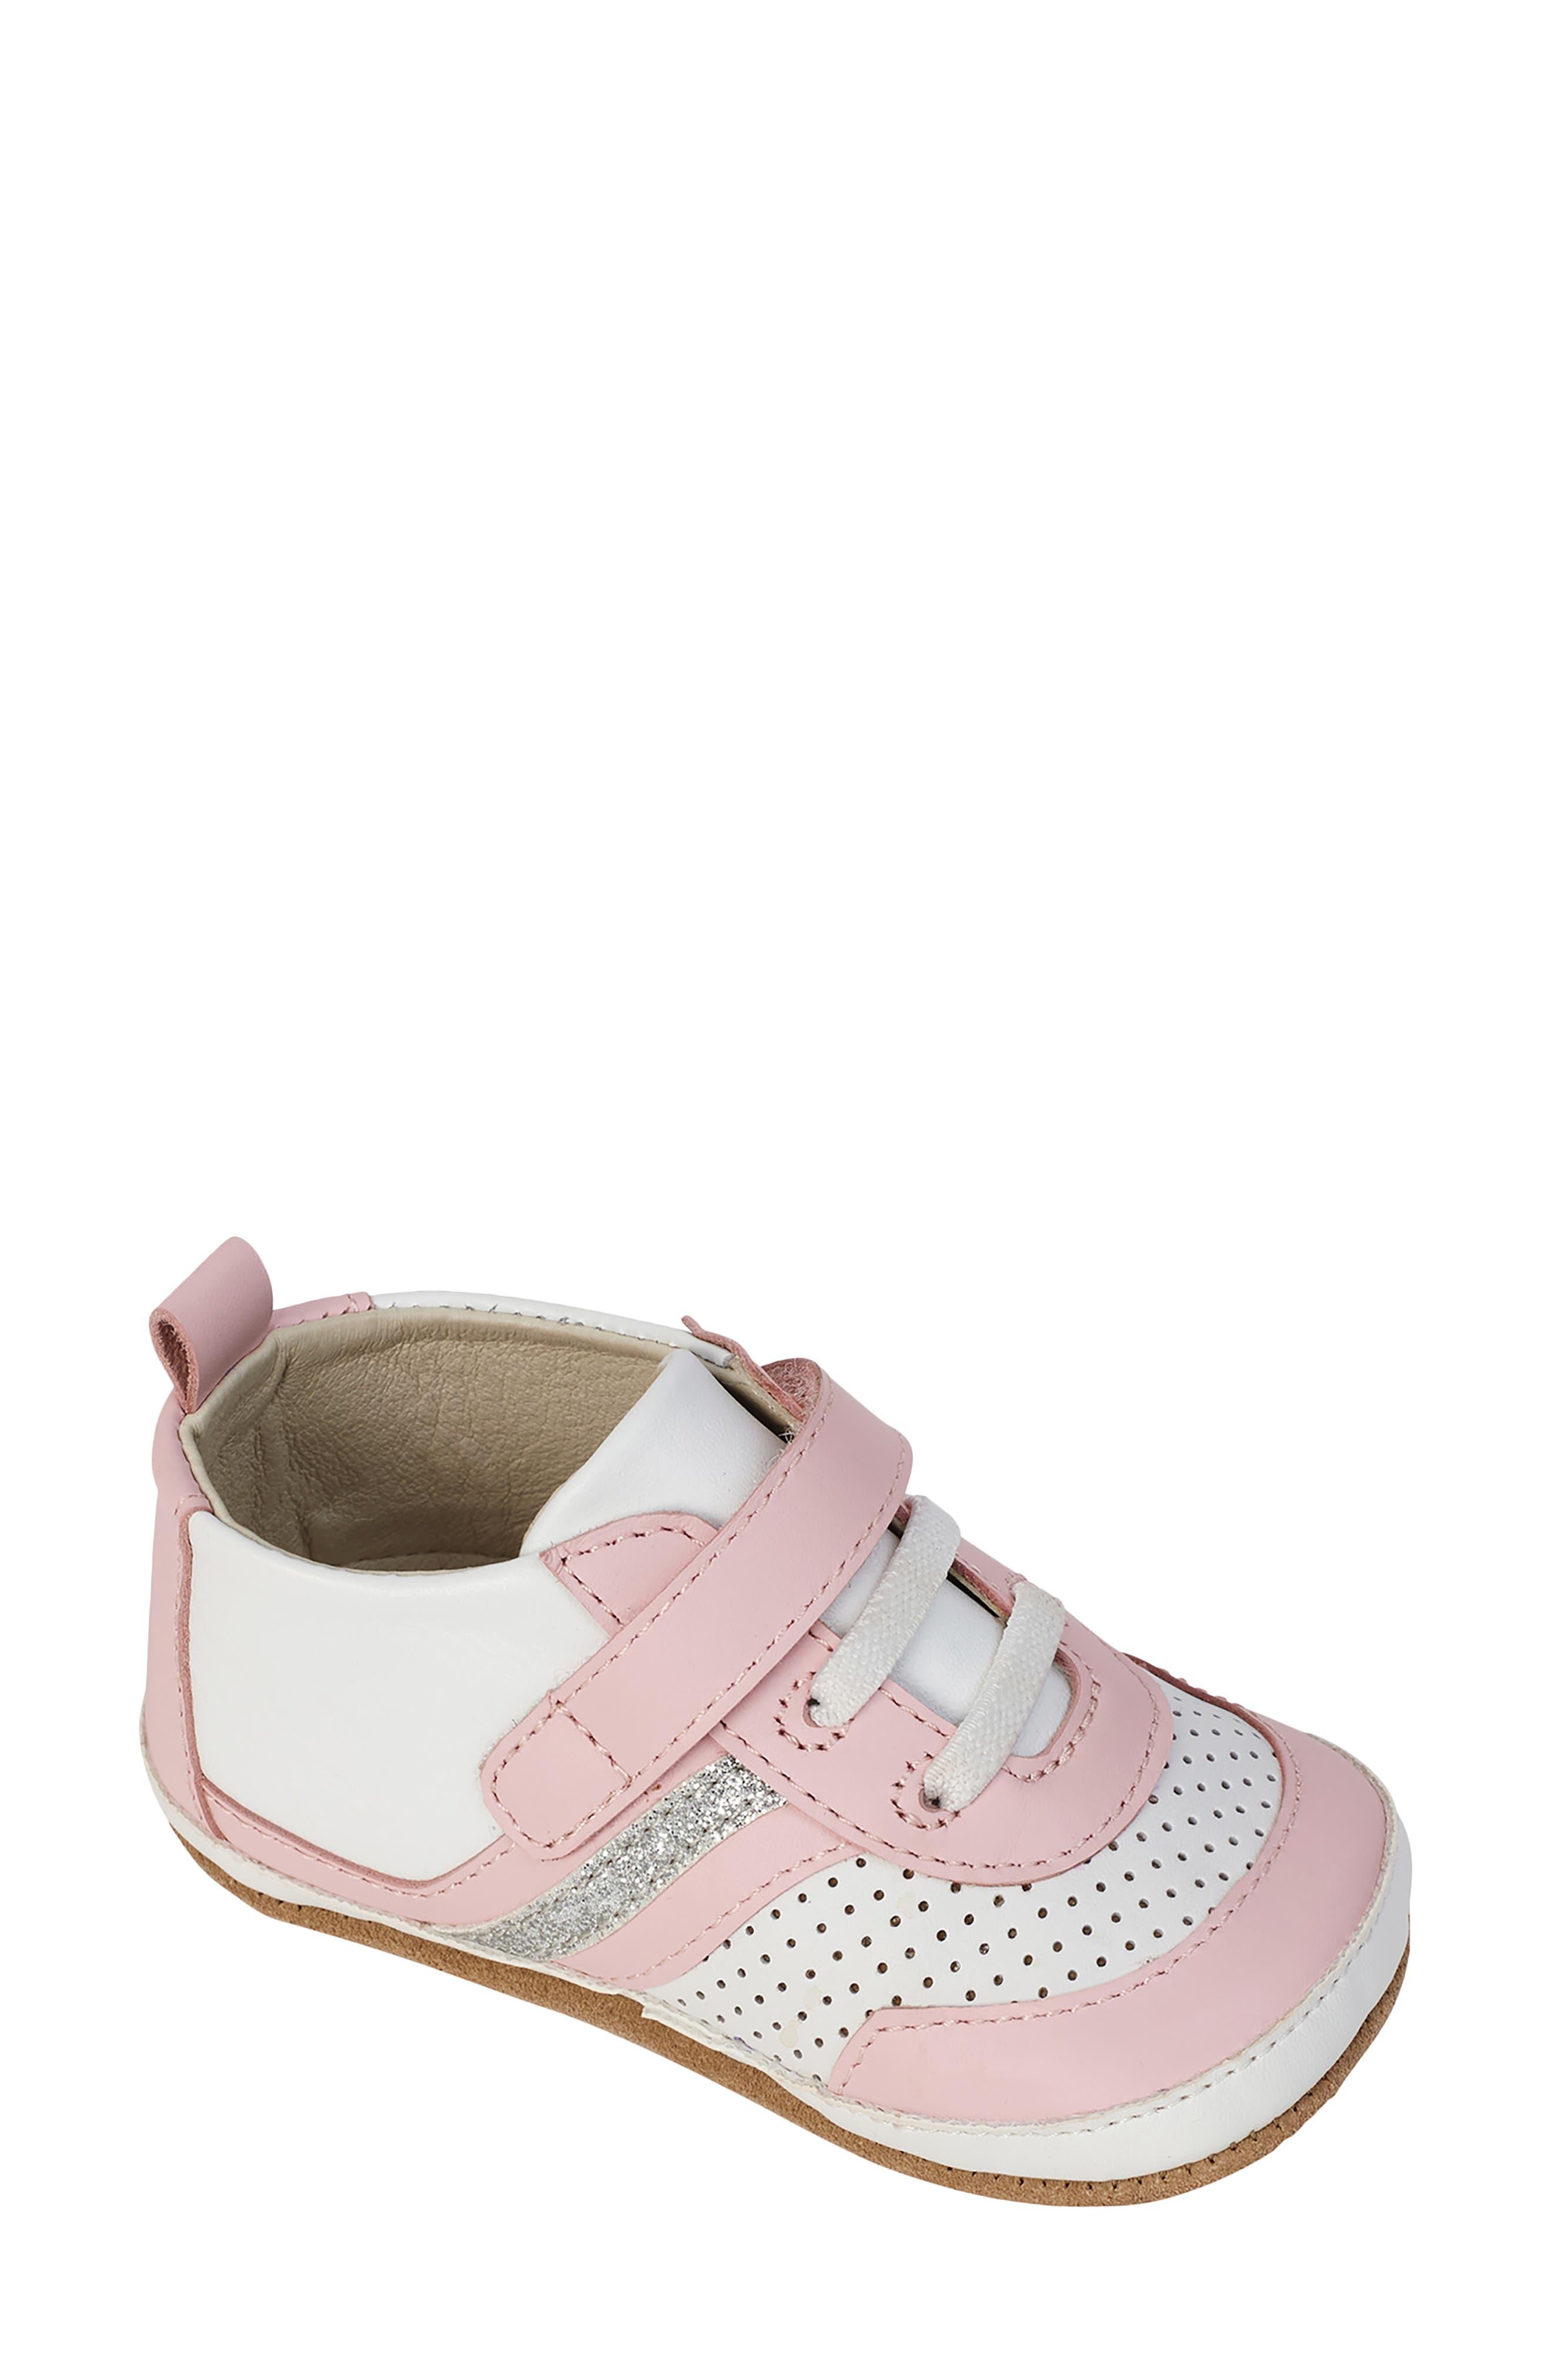 Robeez Henry BK First Walker Infant//Toddler